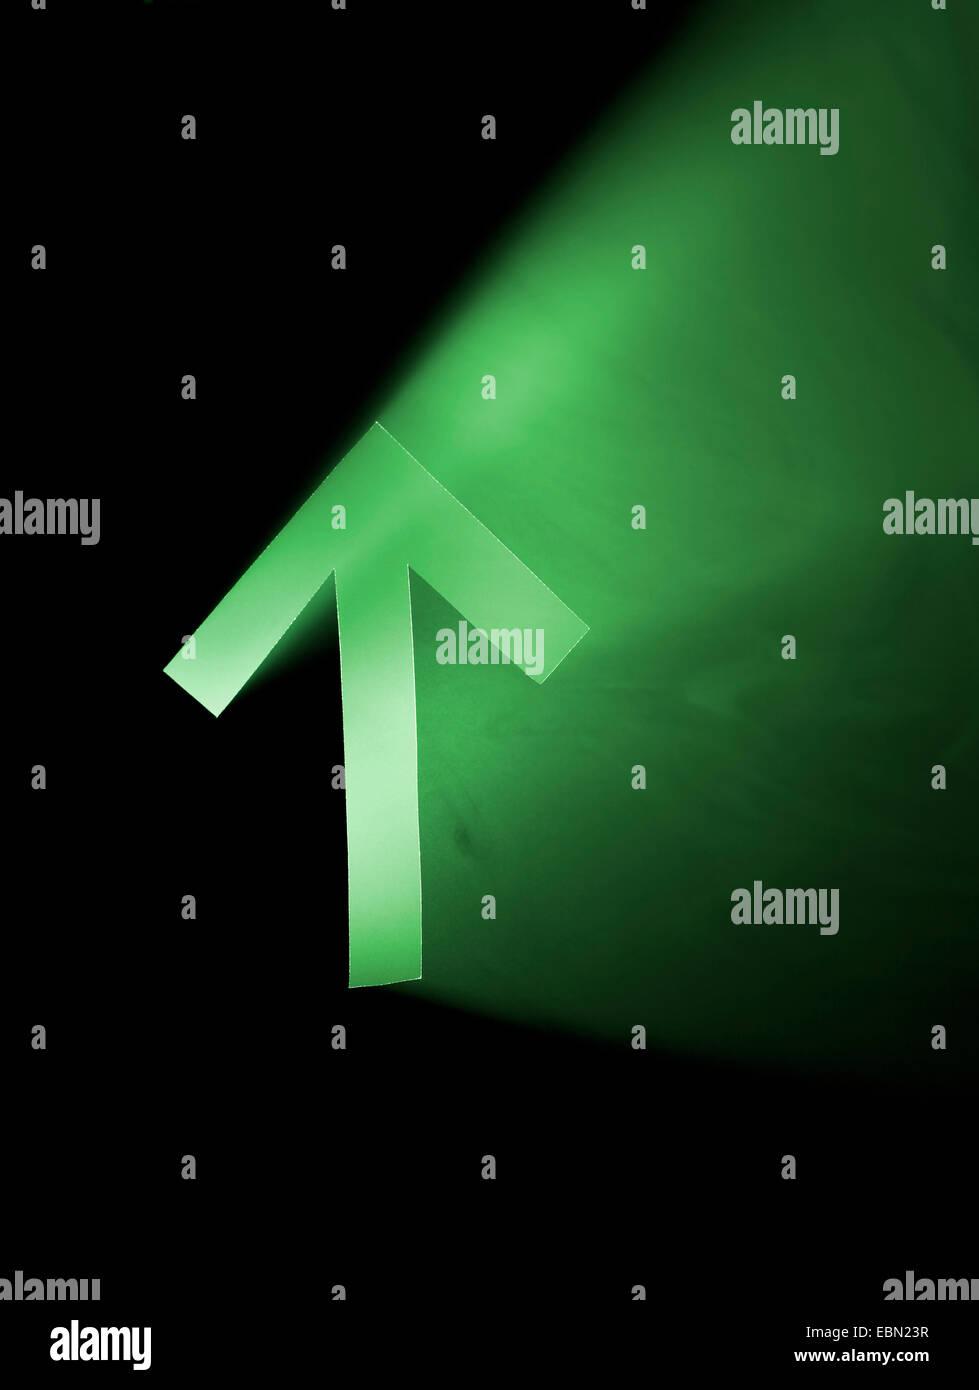 Flèche verte pointe vers le haut. Coupe du trou dans le carton, machine à fumée et des projecteurs. Photo Stock